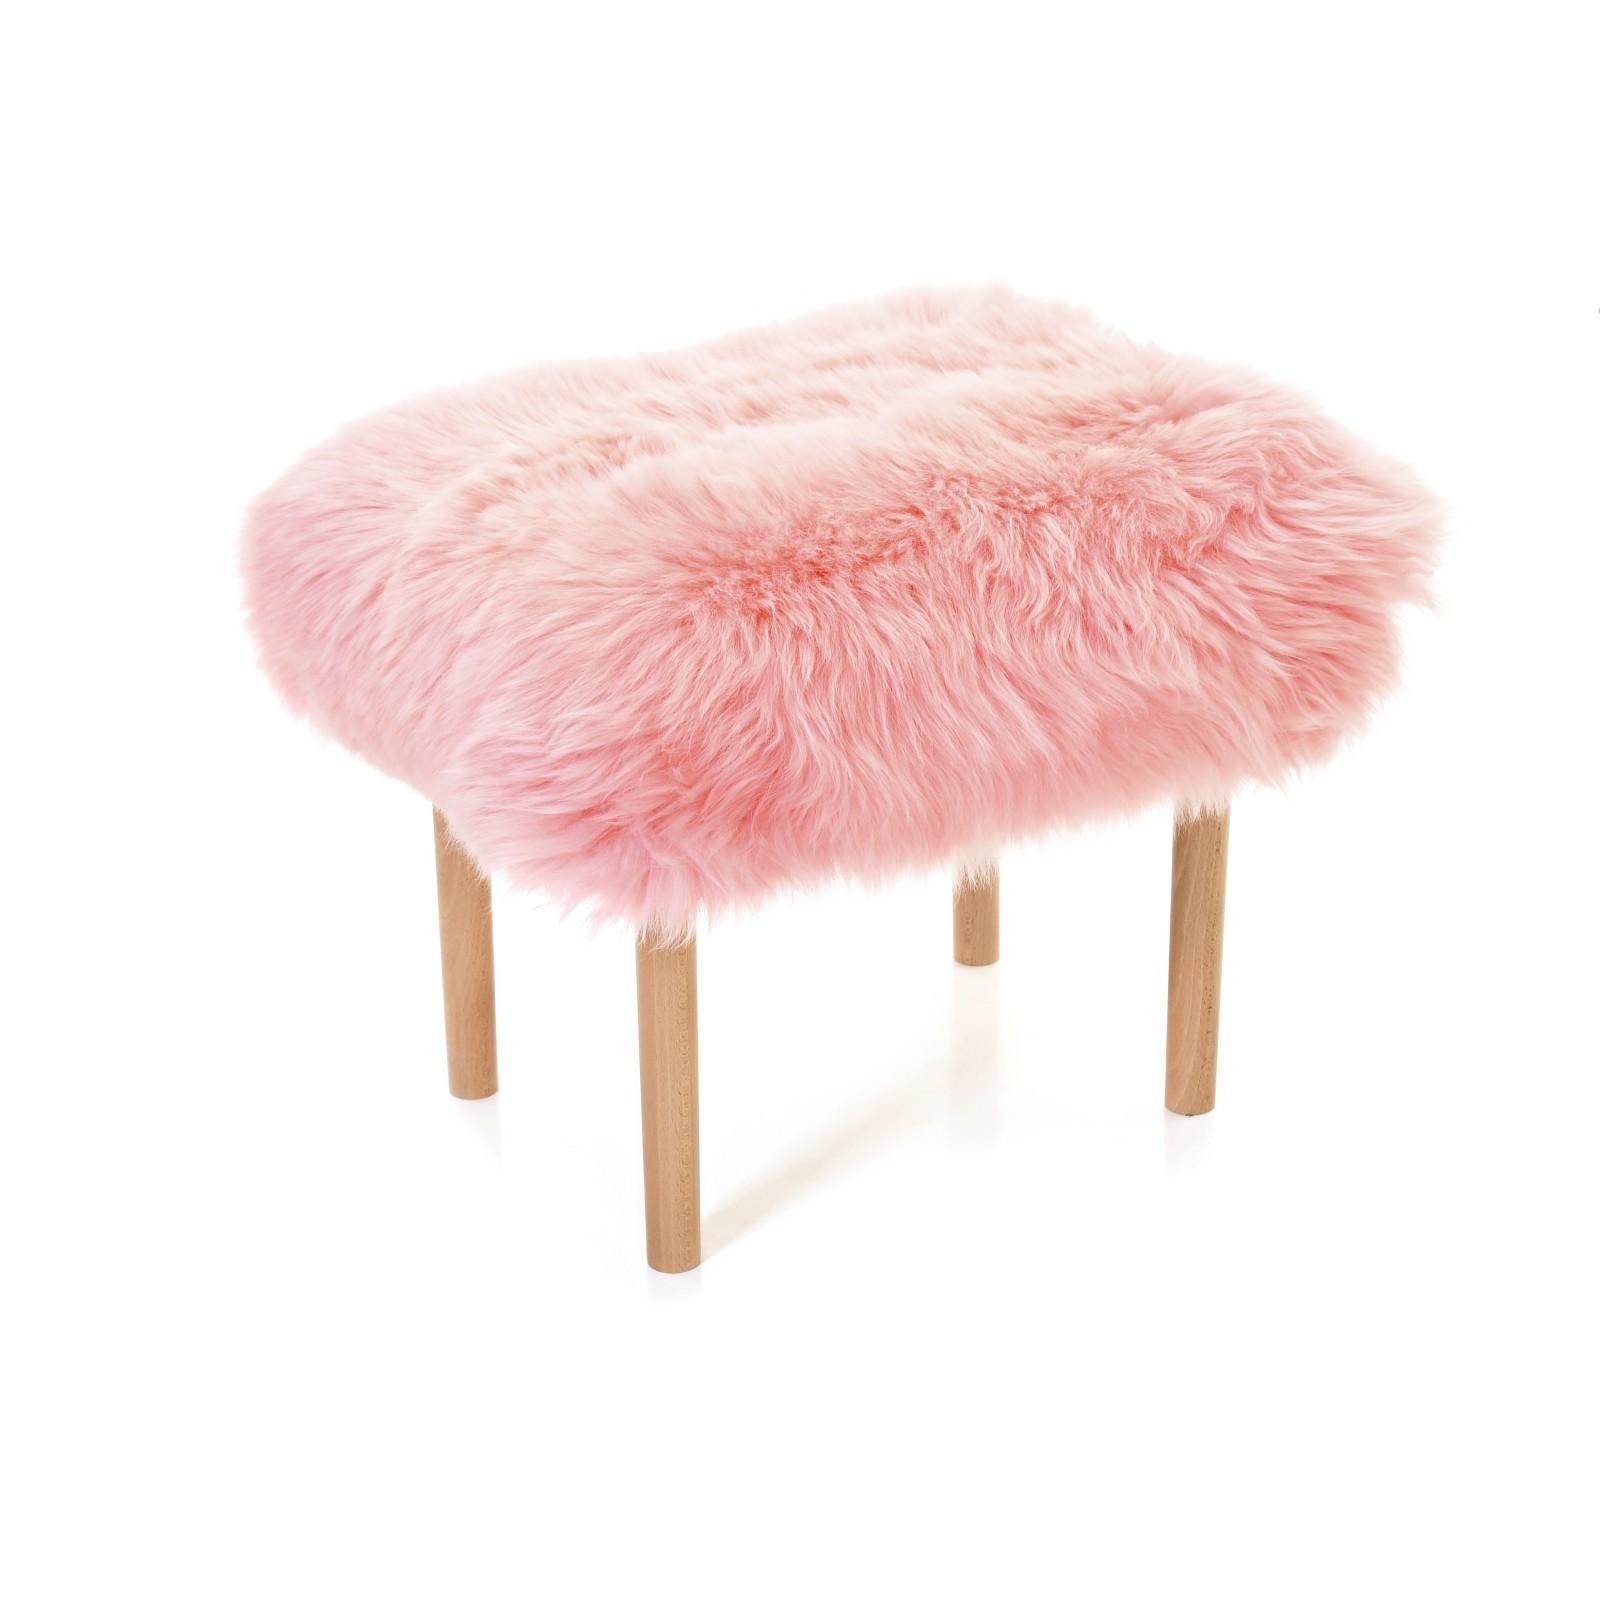 Carys Sheepskin Footstool Pink